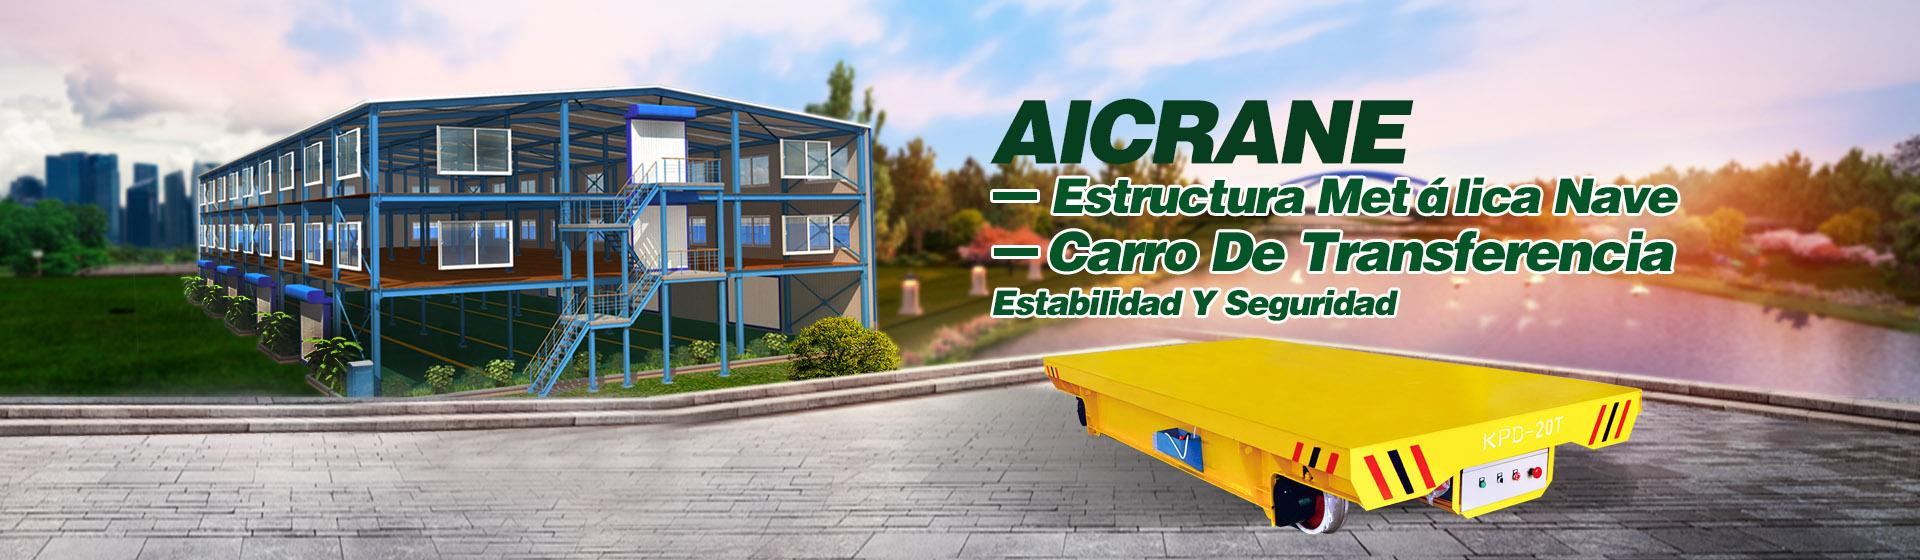 Venta De AICRANE Carro De Transferencia Y Estructura Metálica Nave De Precio Competitivo